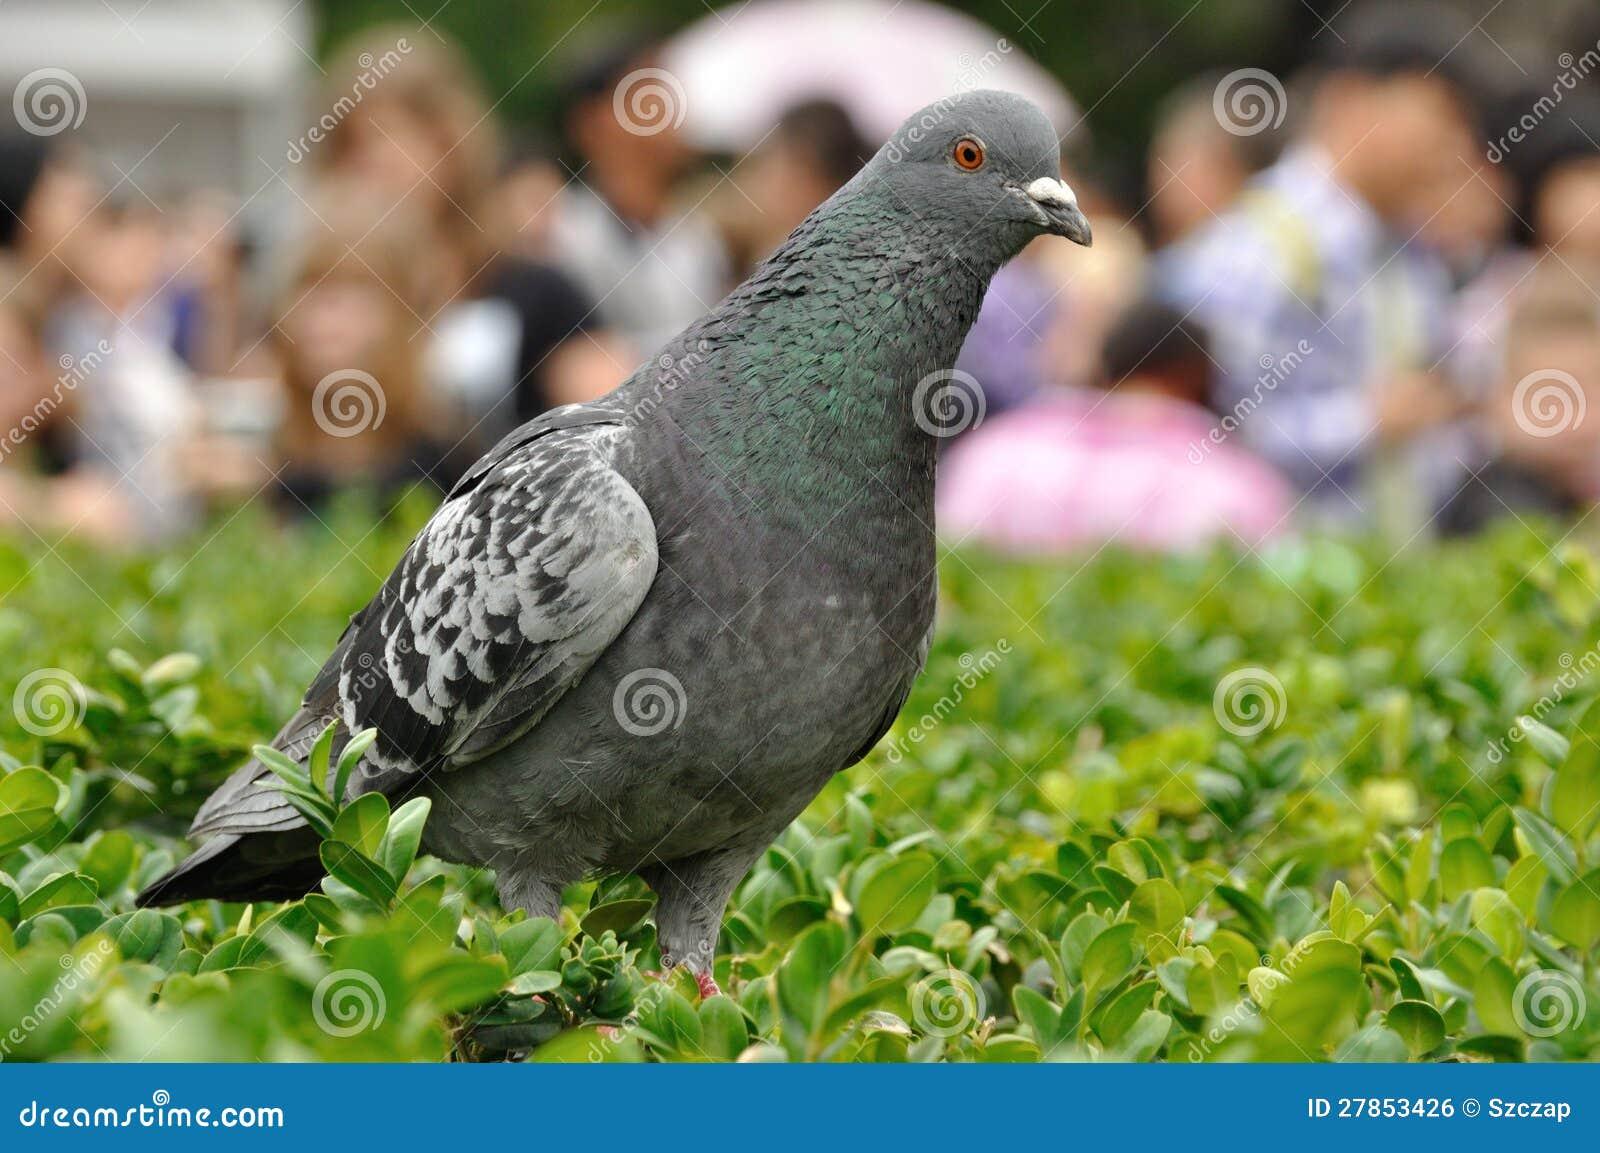 Rockowa gołąbka